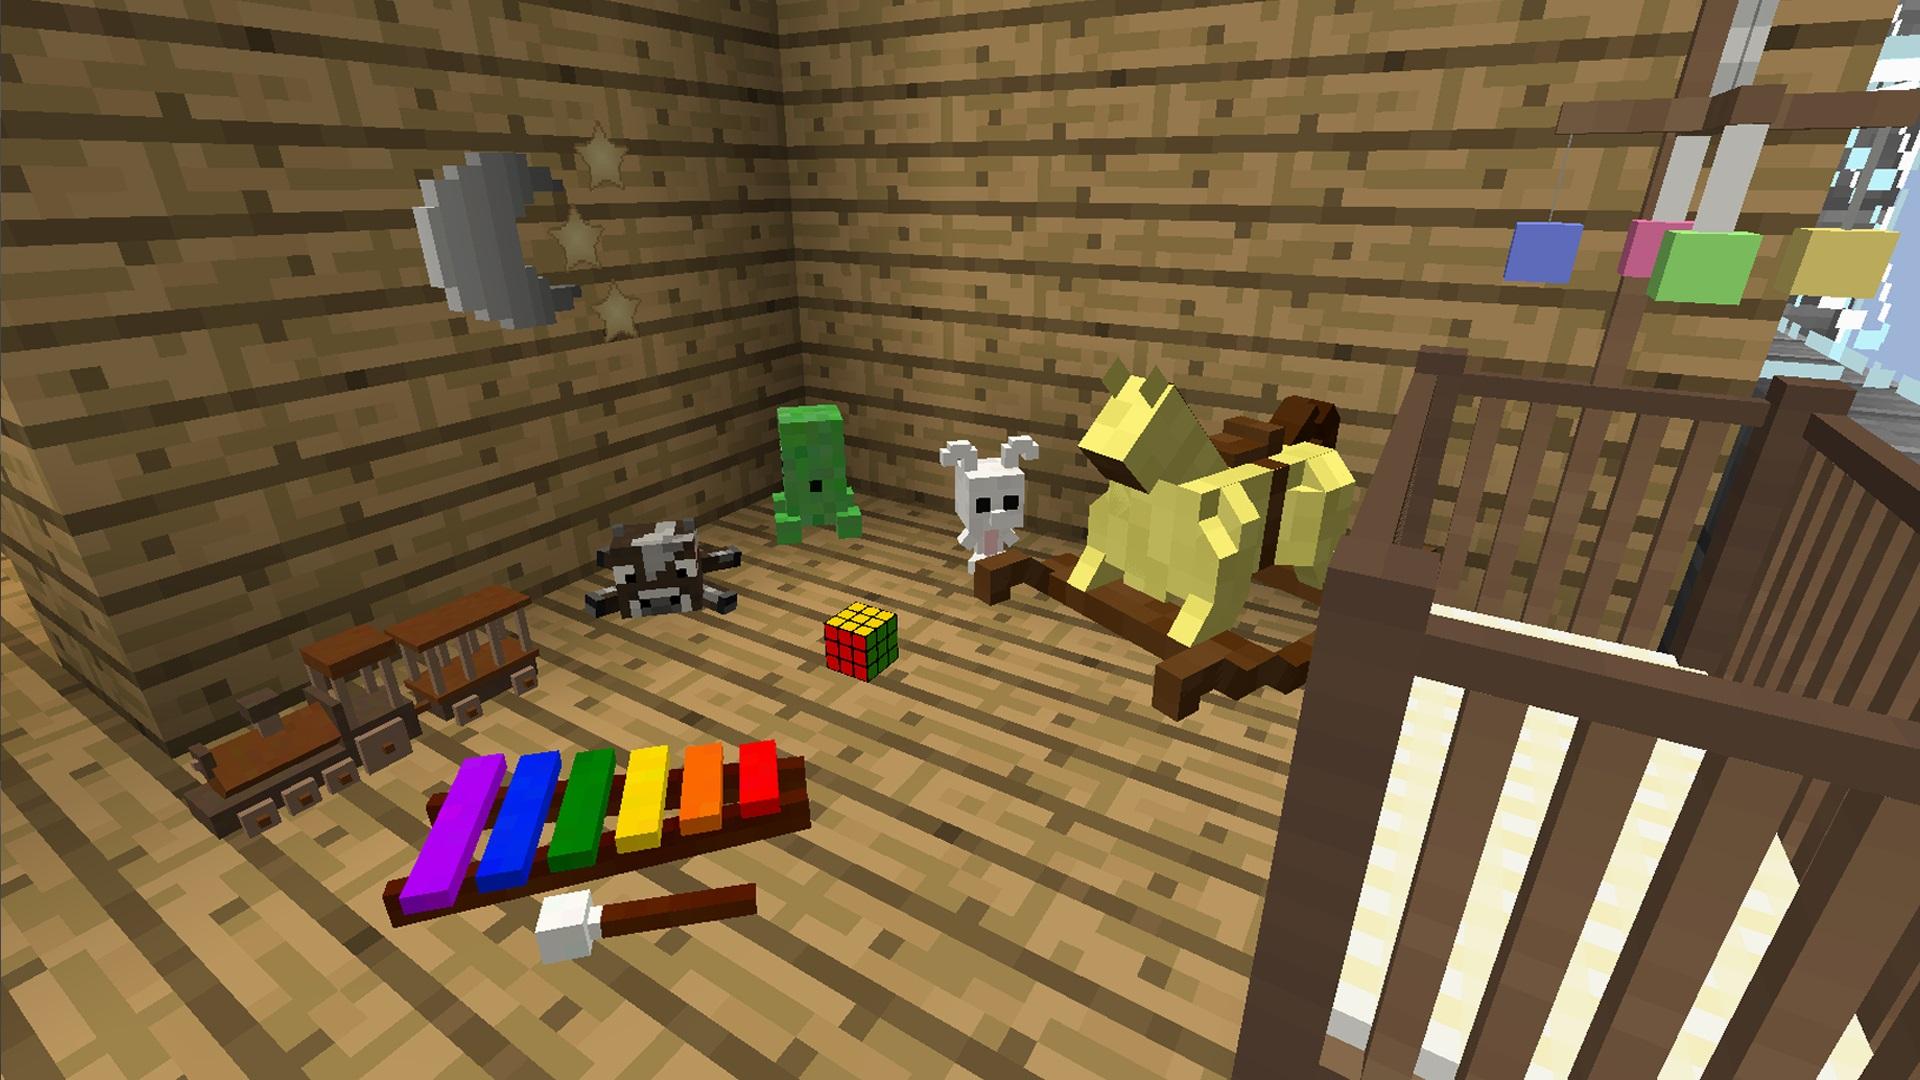 Full Size of Minecraft Küche Top 10 Beliebteste Mods Erweitern Einbauküche Mit Elektrogeräten Sitzbank Kreidetafel Ausstellungsküche Landhaus Regal Laminat Für Stengel Wohnzimmer Minecraft Küche